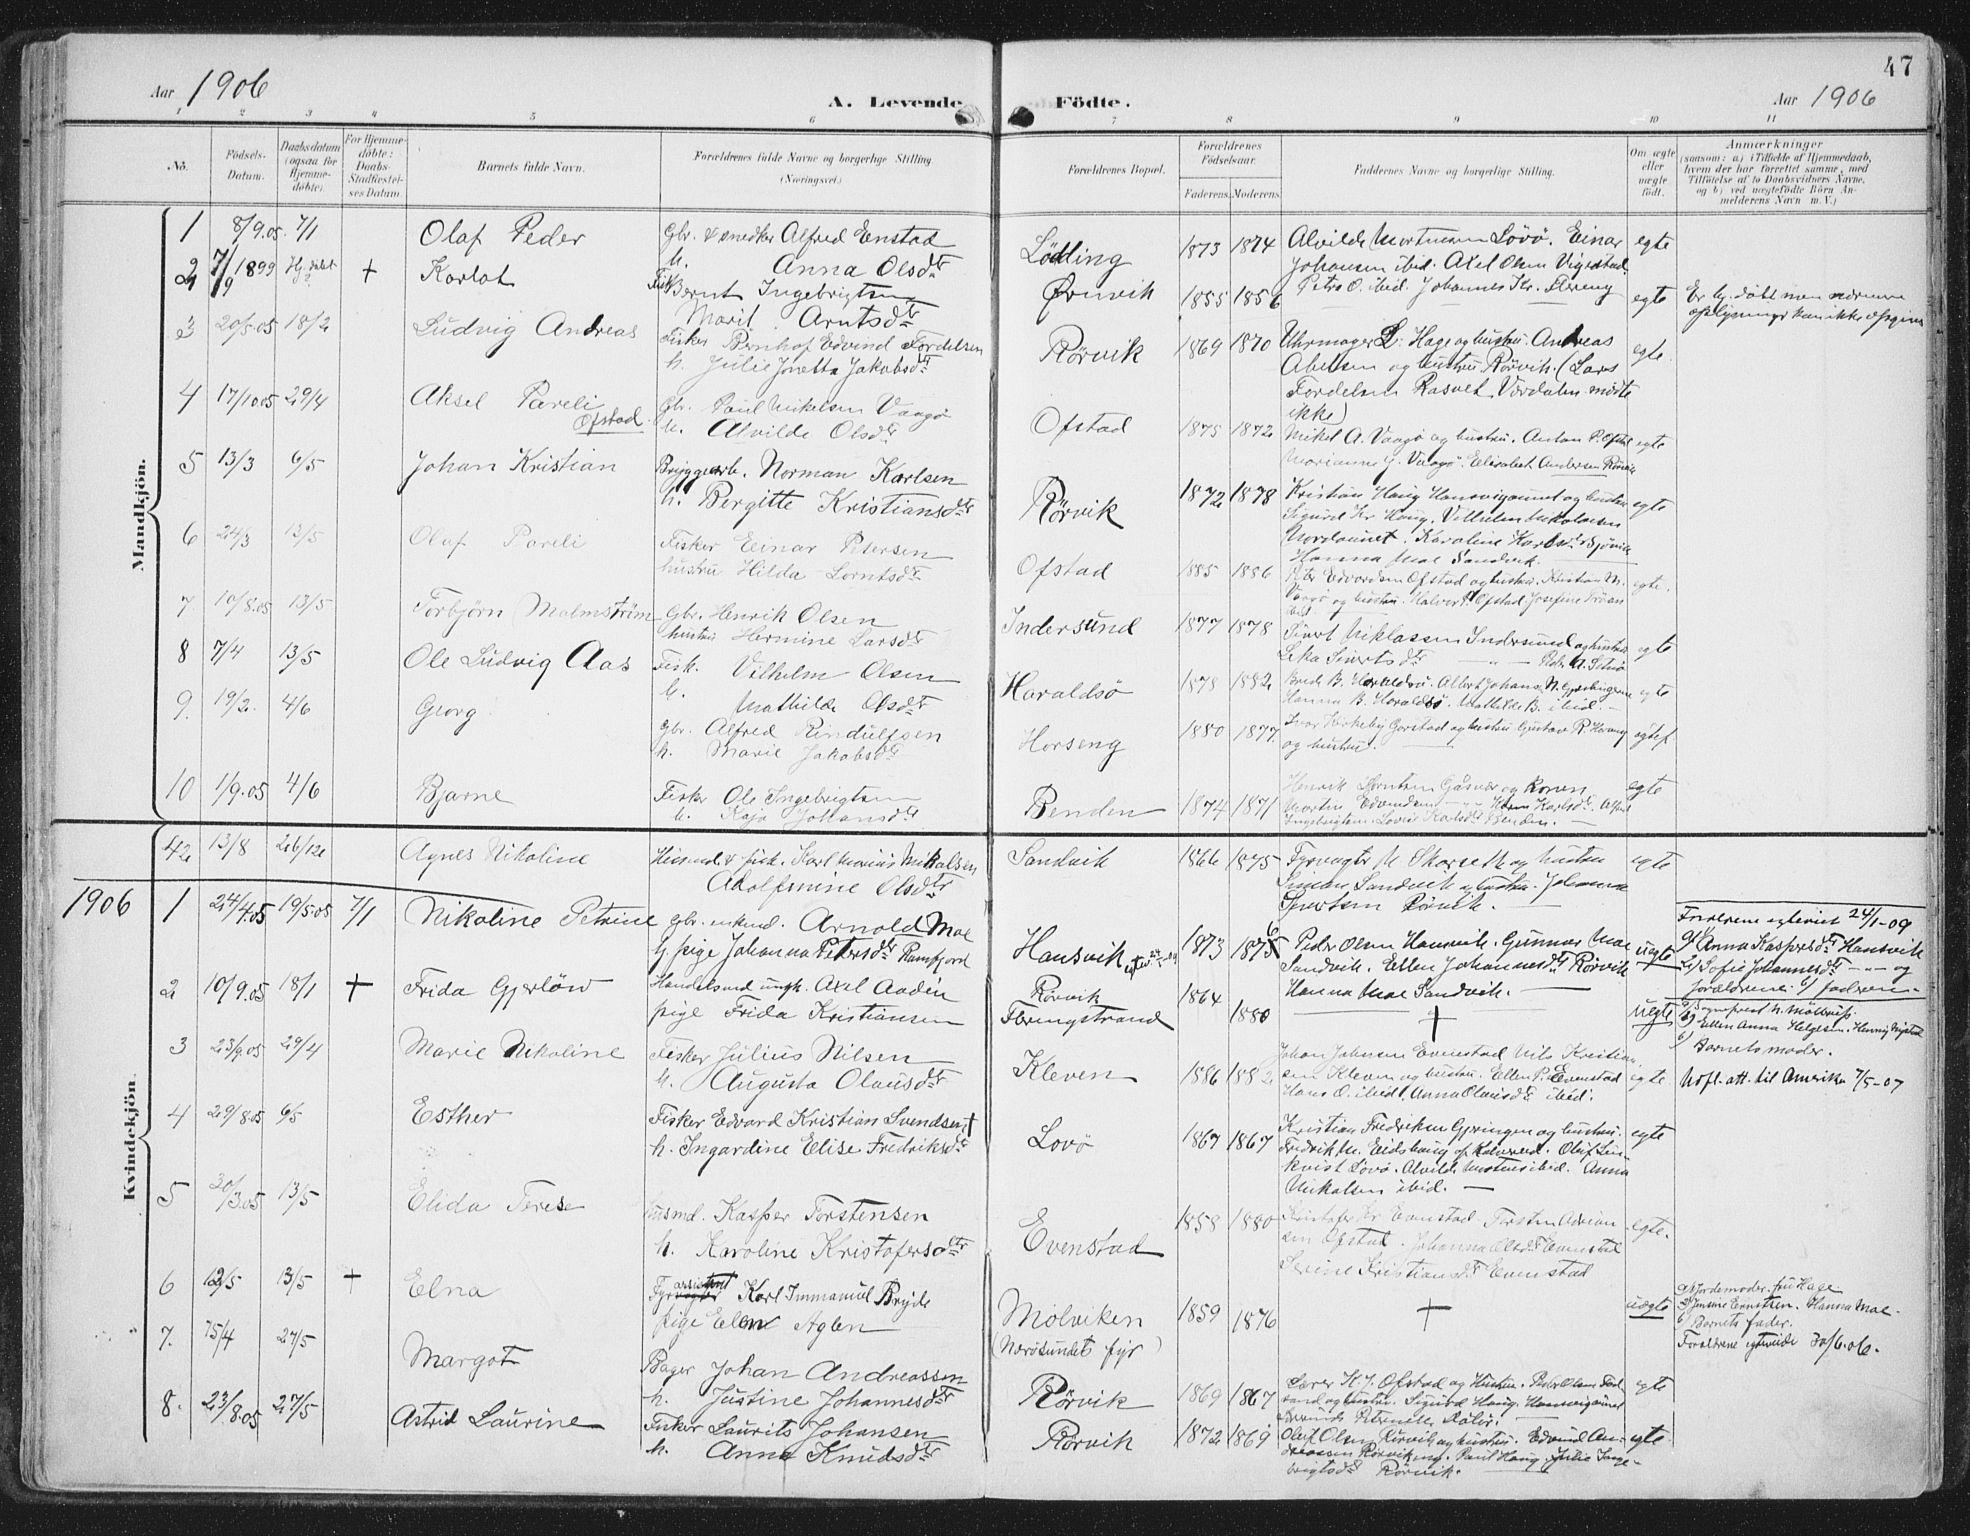 SAT, Ministerialprotokoller, klokkerbøker og fødselsregistre - Nord-Trøndelag, 786/L0688: Ministerialbok nr. 786A04, 1899-1912, s. 47